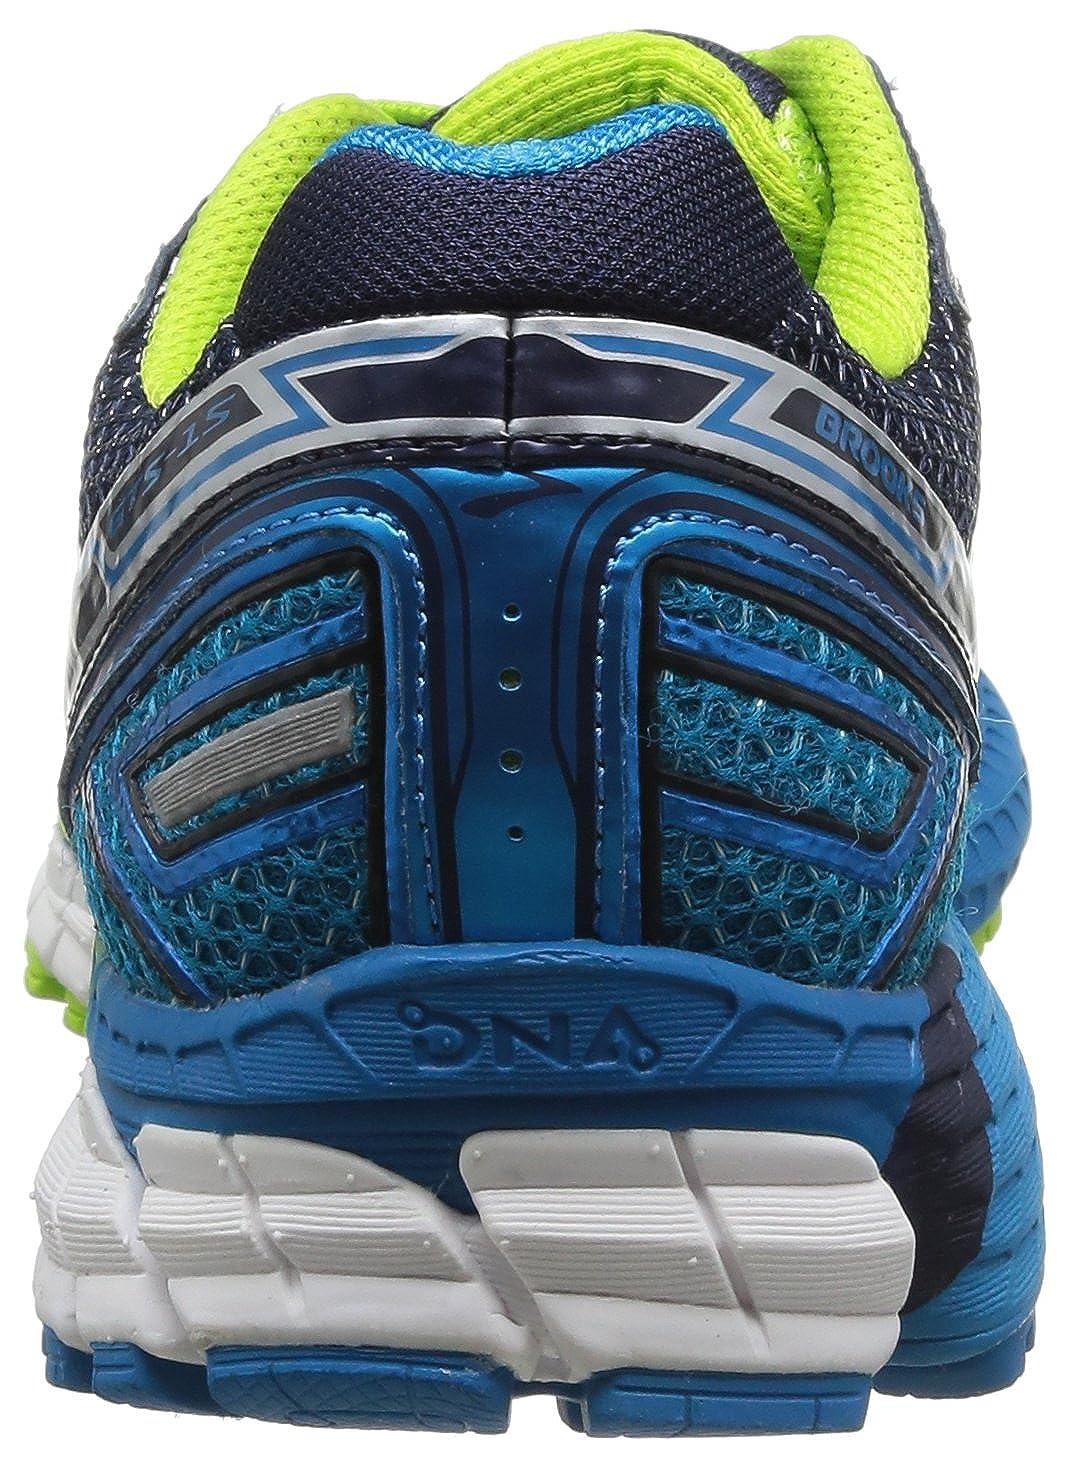 Brooks Adrenaline GTS 15 - Zapatos de Running para Hombre: Amazon.es: Zapatos y complementos